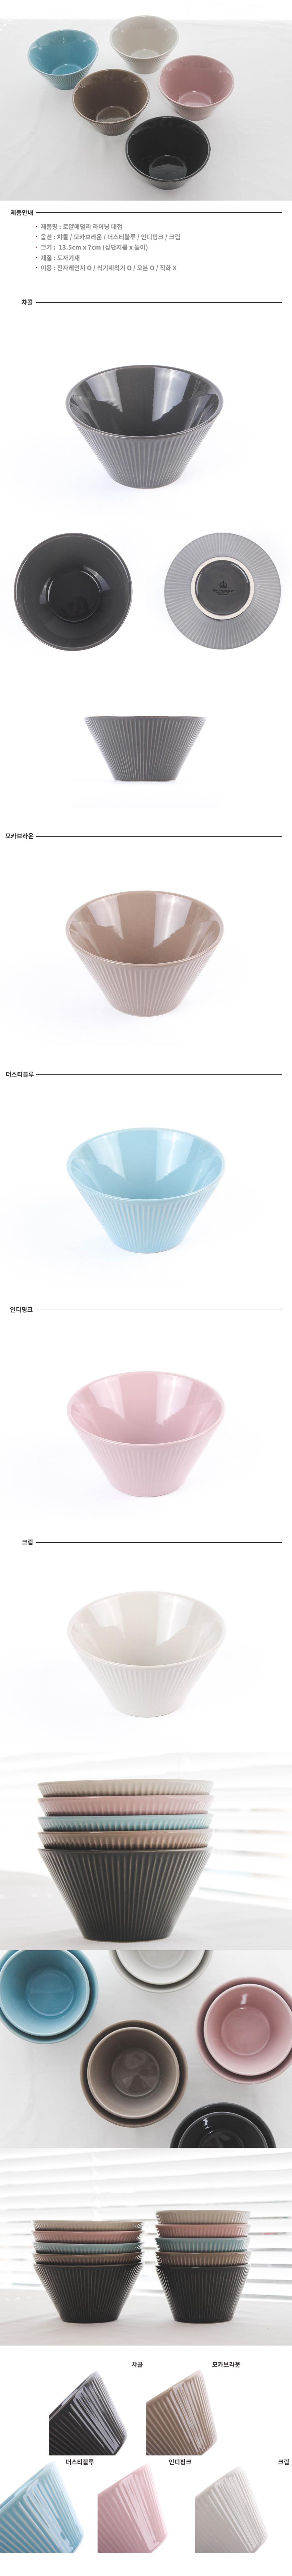 로얄애덜리 라이닝 국그릇 대접 5컬러 - 어퍼테이블, 5,900원, 밥공기/국공기, 국공기